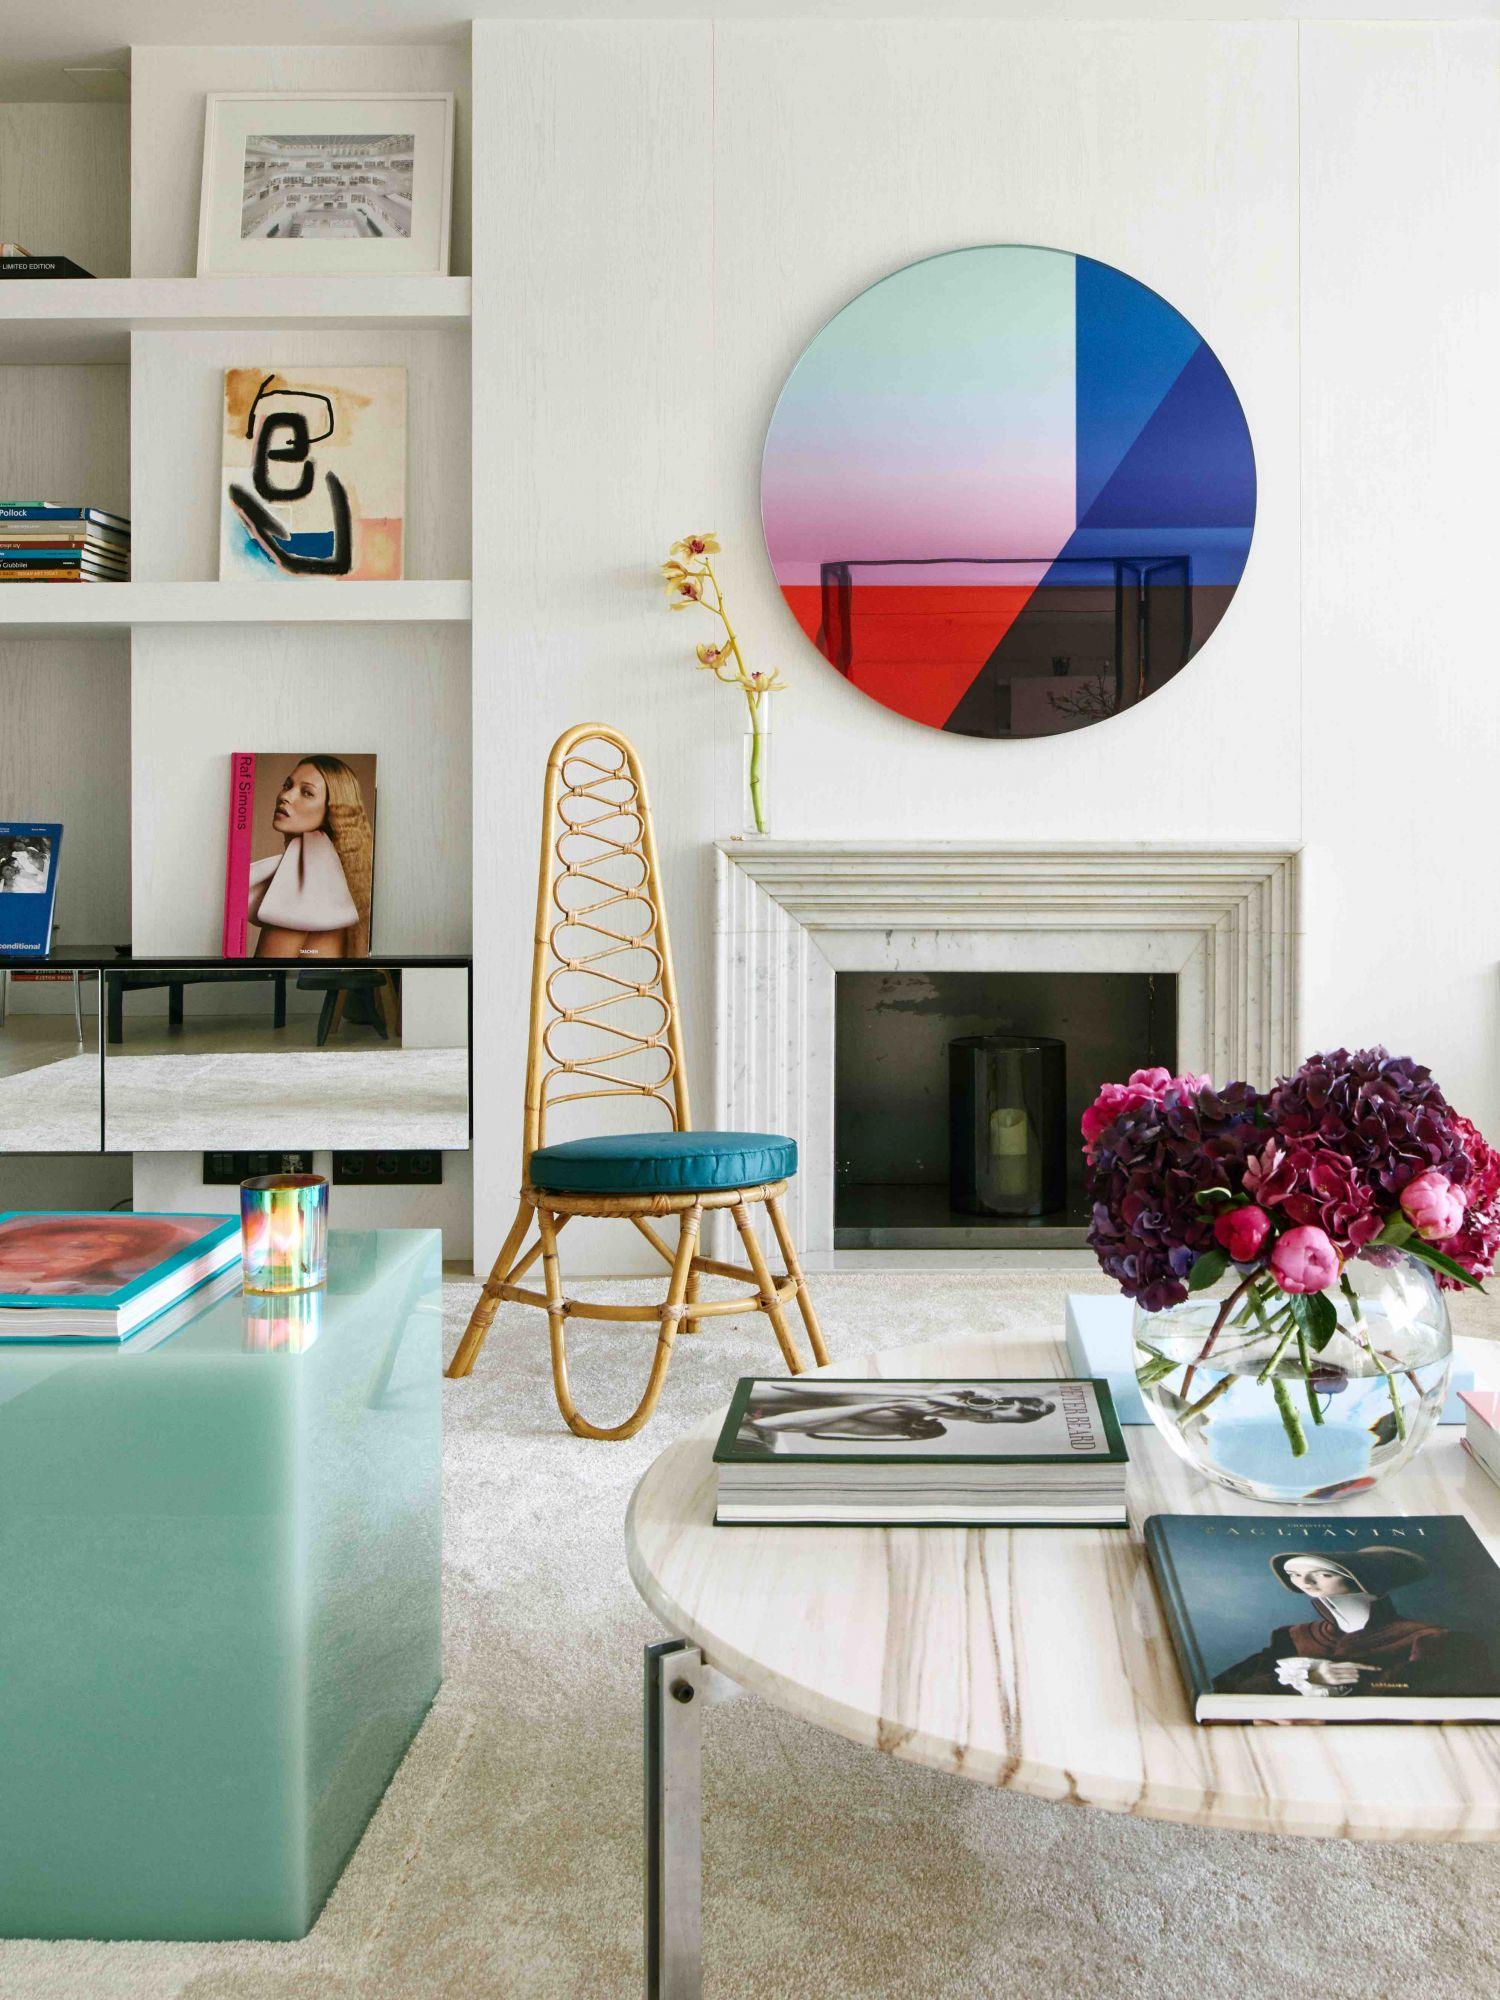 Le salon de l'appartement de Barcelone conçu par Roser Coixet Interiors, présenté dans l'article de couverture du numéro de juin 2021 de Tatler Homes Singapore